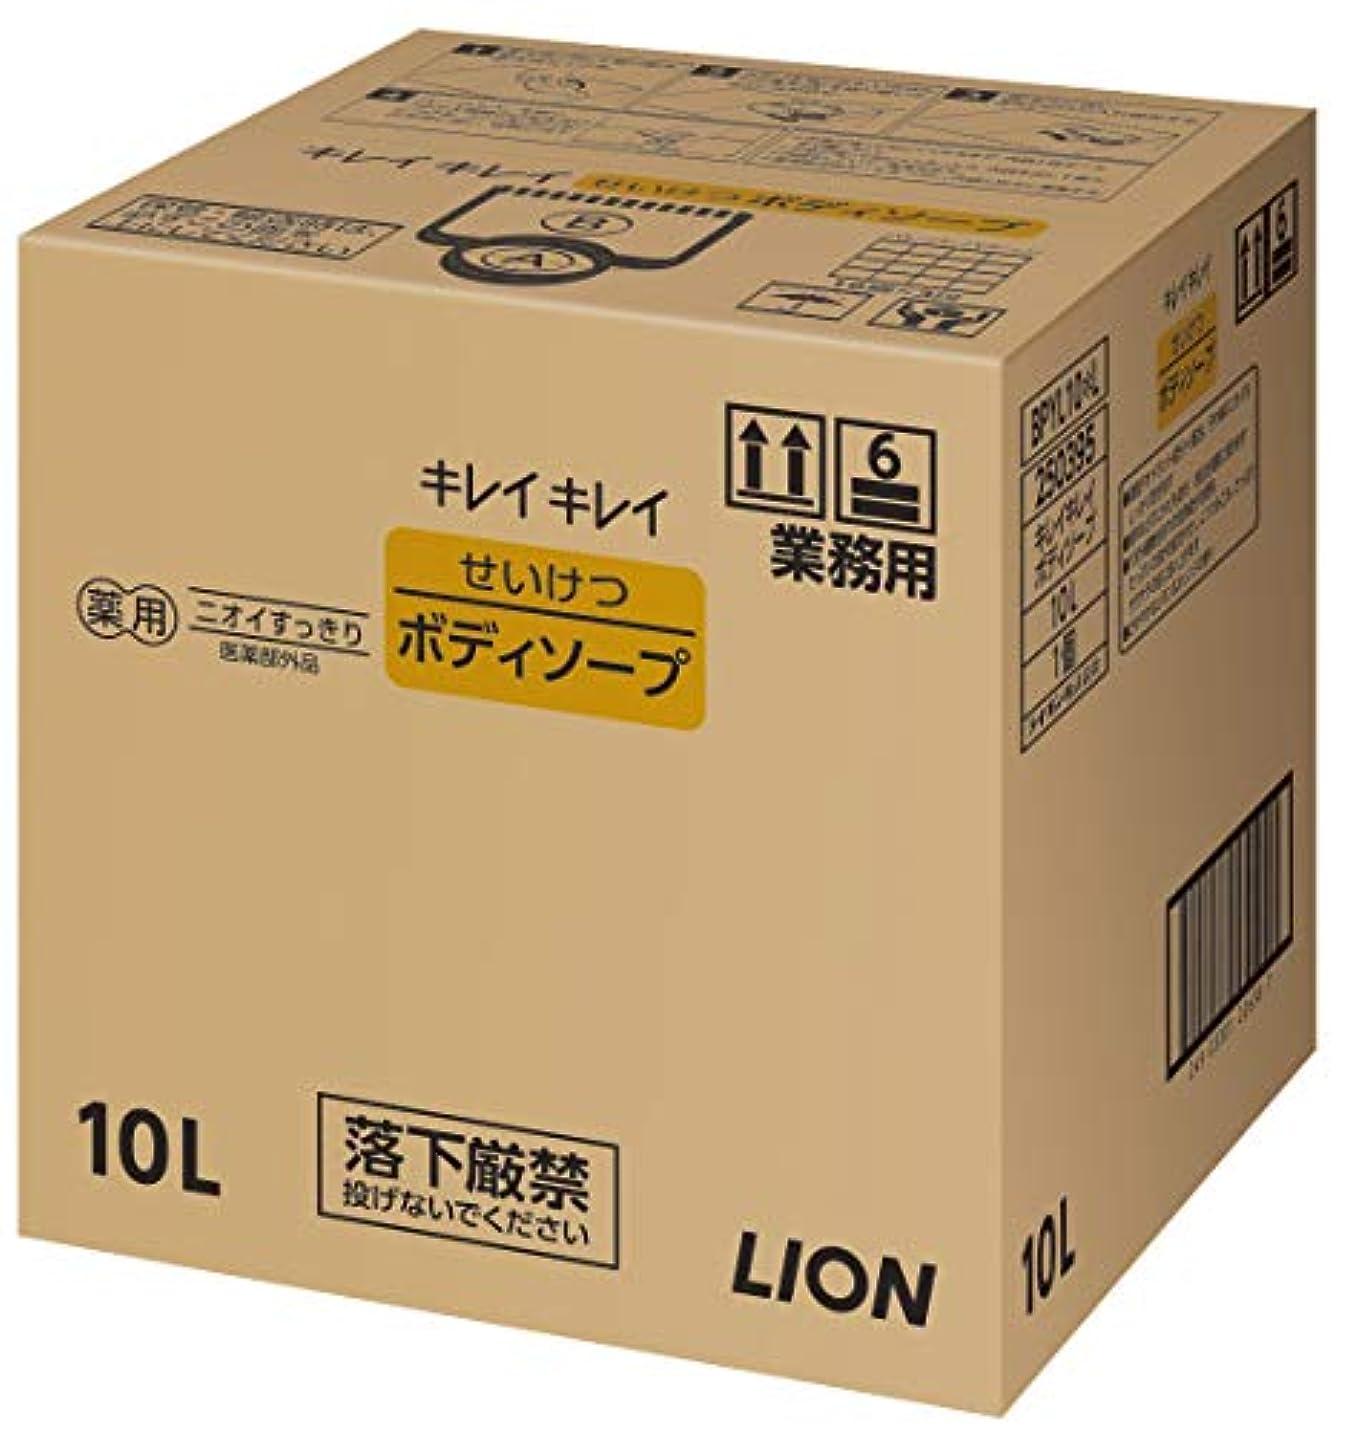 ダース石化する引き潮キレイキレイ せいけつボディソープ さわやかなレモン&オレンジの香り 業務用 10L